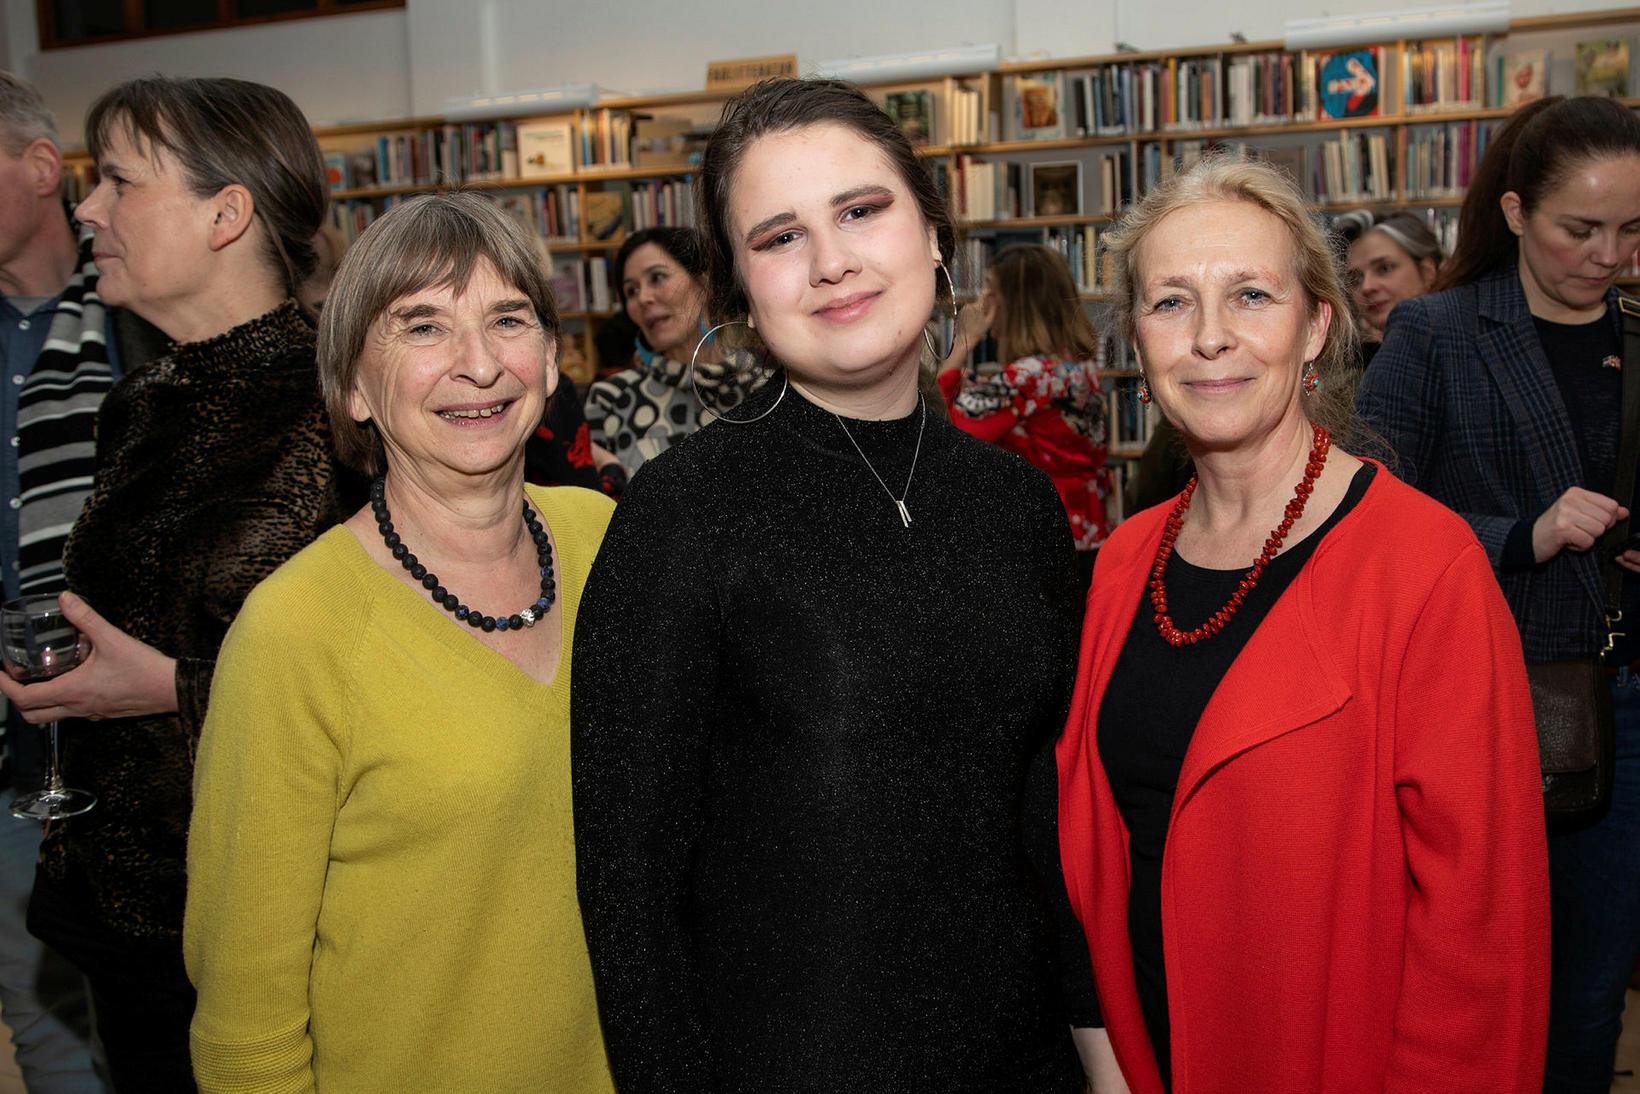 Aud Lise Nordheim, Katrín Joensen-Næs og Ann-Sofie Stude.